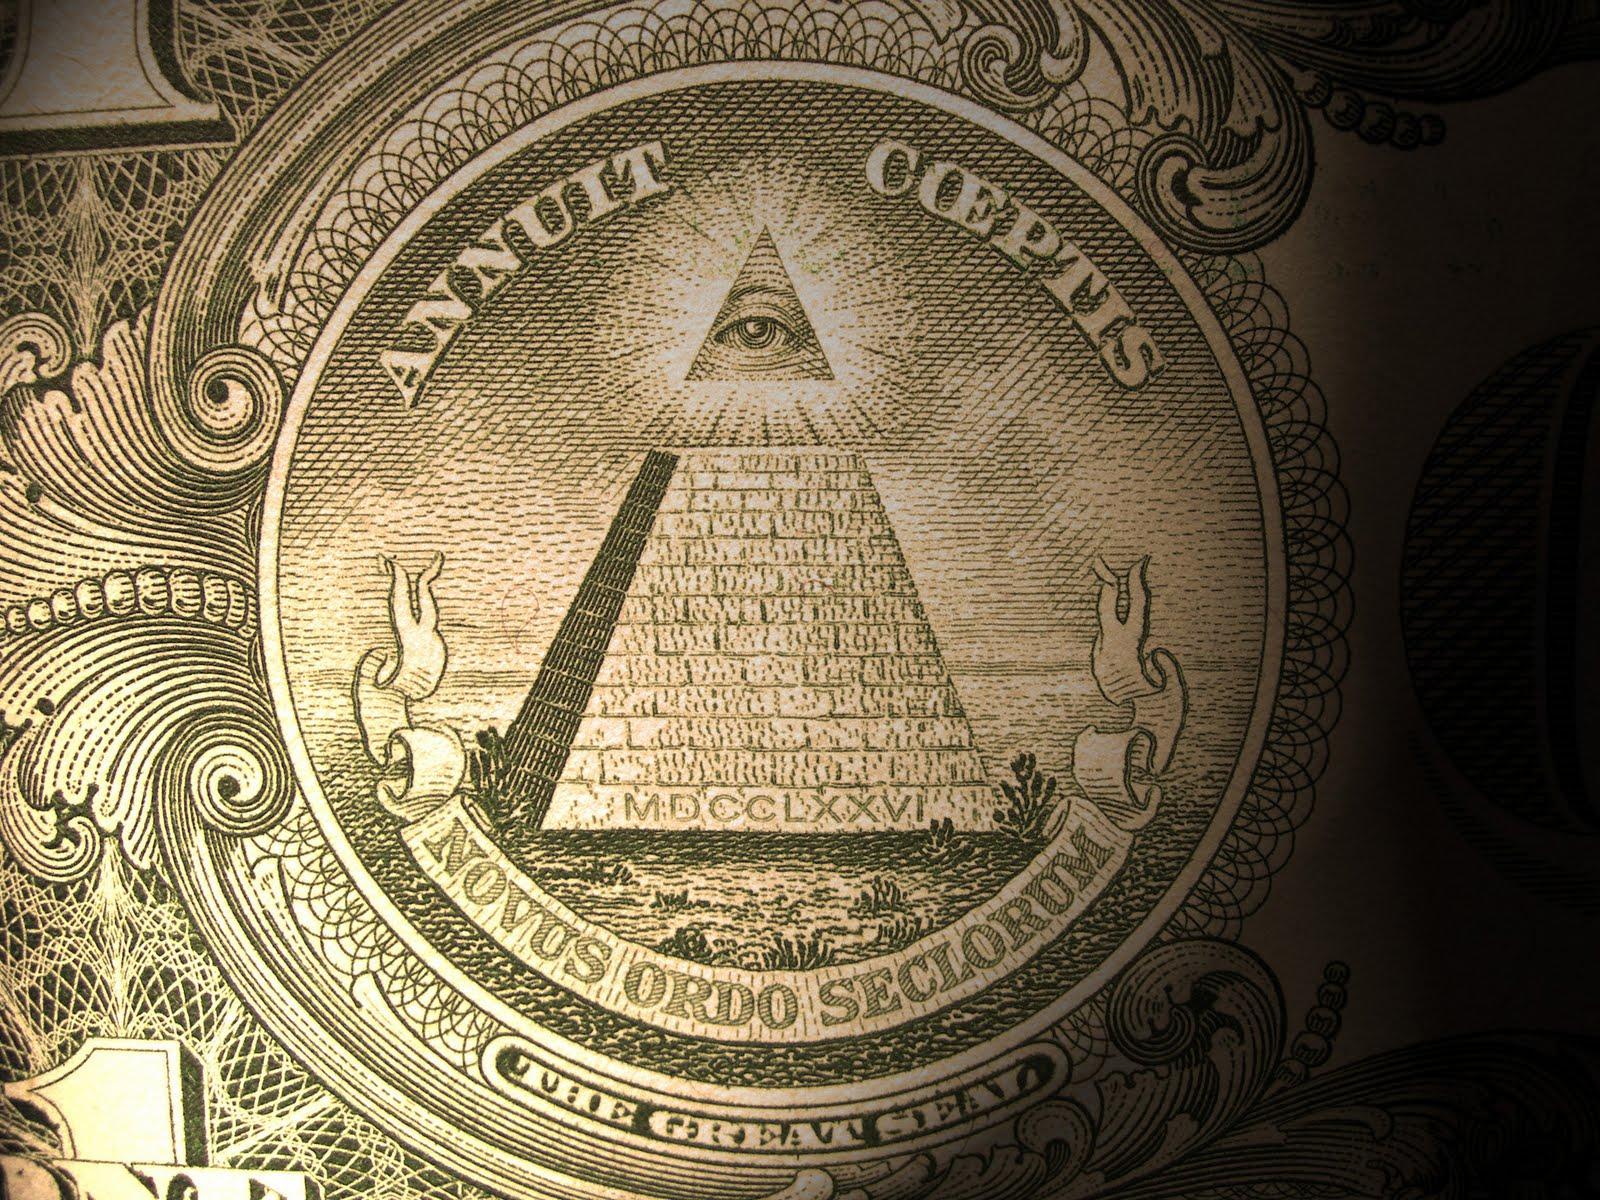 http://1.bp.blogspot.com/-OuEO6l1V6E0/TjgR0sefDcI/AAAAAAAACeI/etcdEaDUtGw/s1600/Money_HD_Wallpaper_Stock_Psupero_3.jpg